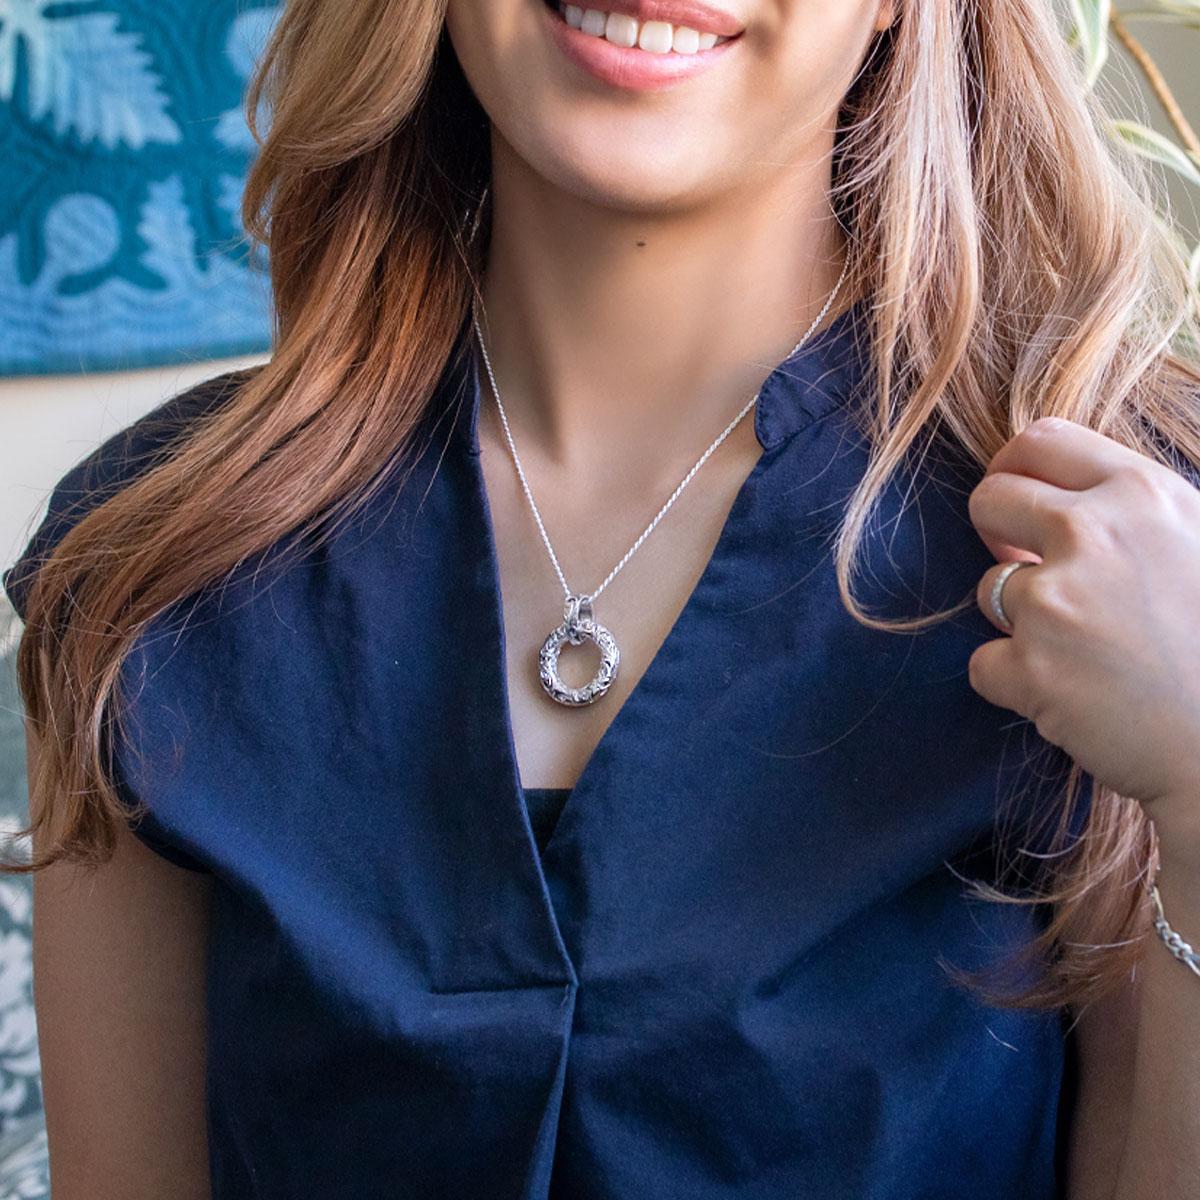 ネックレス ハワイアンジュエリー アクセサリー レディース 女性 メンズ 男性 サークルペンダント・ シルバー 925 dmspdo1243